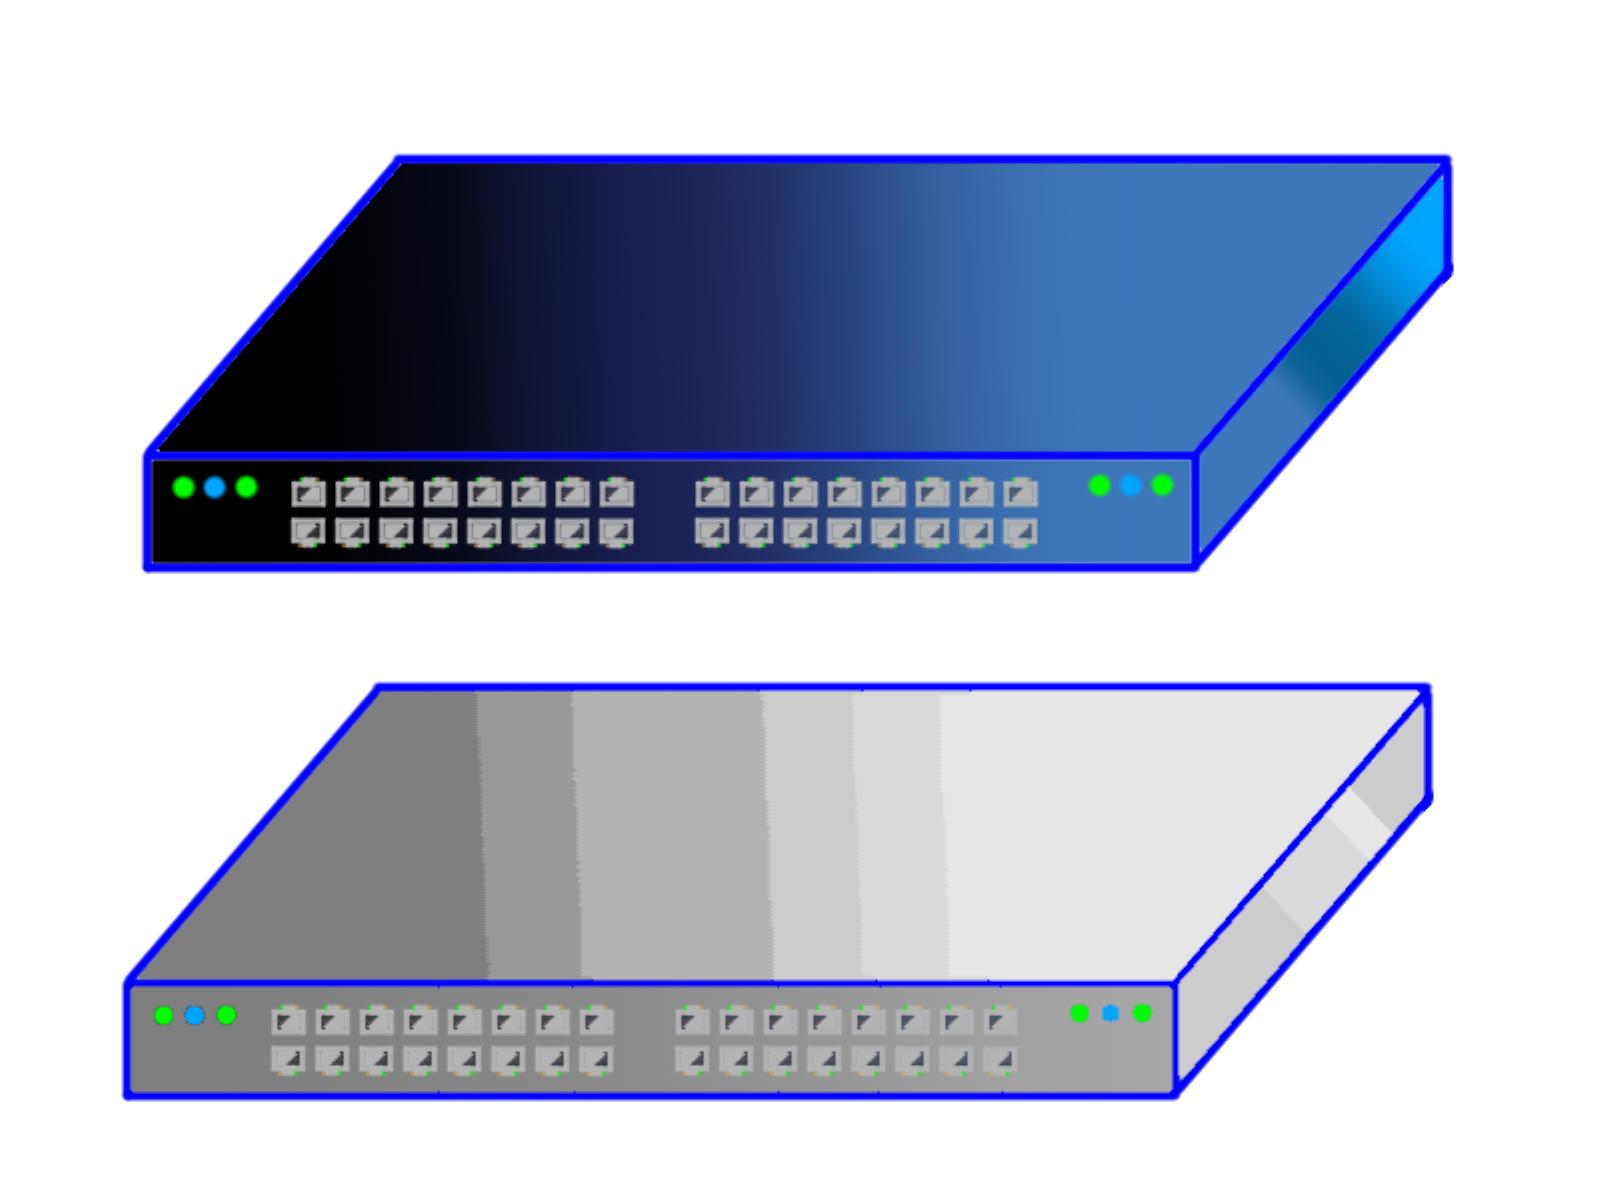 コンピュータ・ネットワーク筐体-ファスニングソリューション